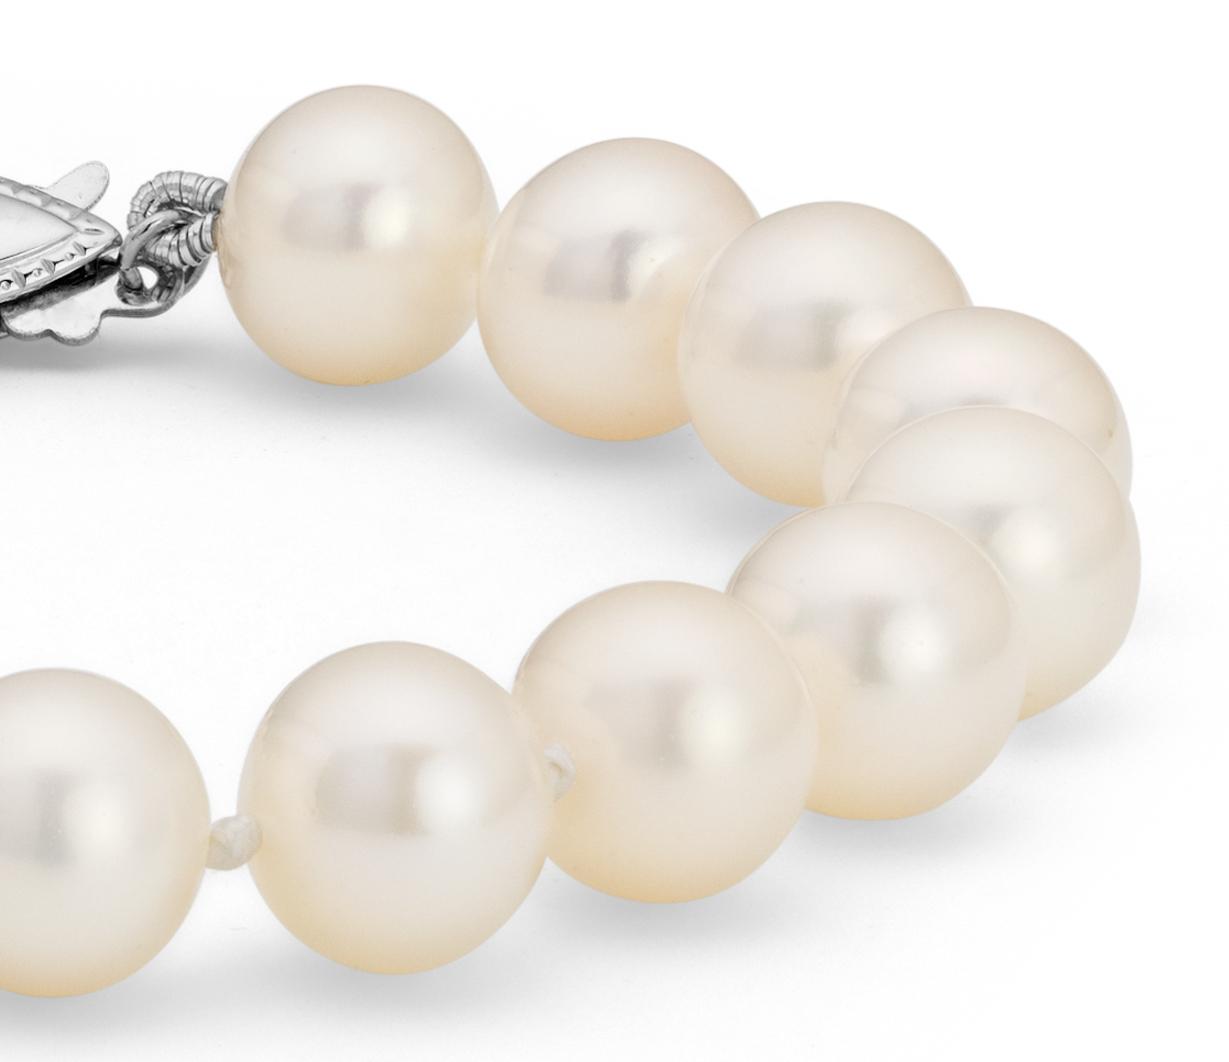 Bracelet de perles de culture d'eau douce en or blanc 14carats (8,0-8,5mm)